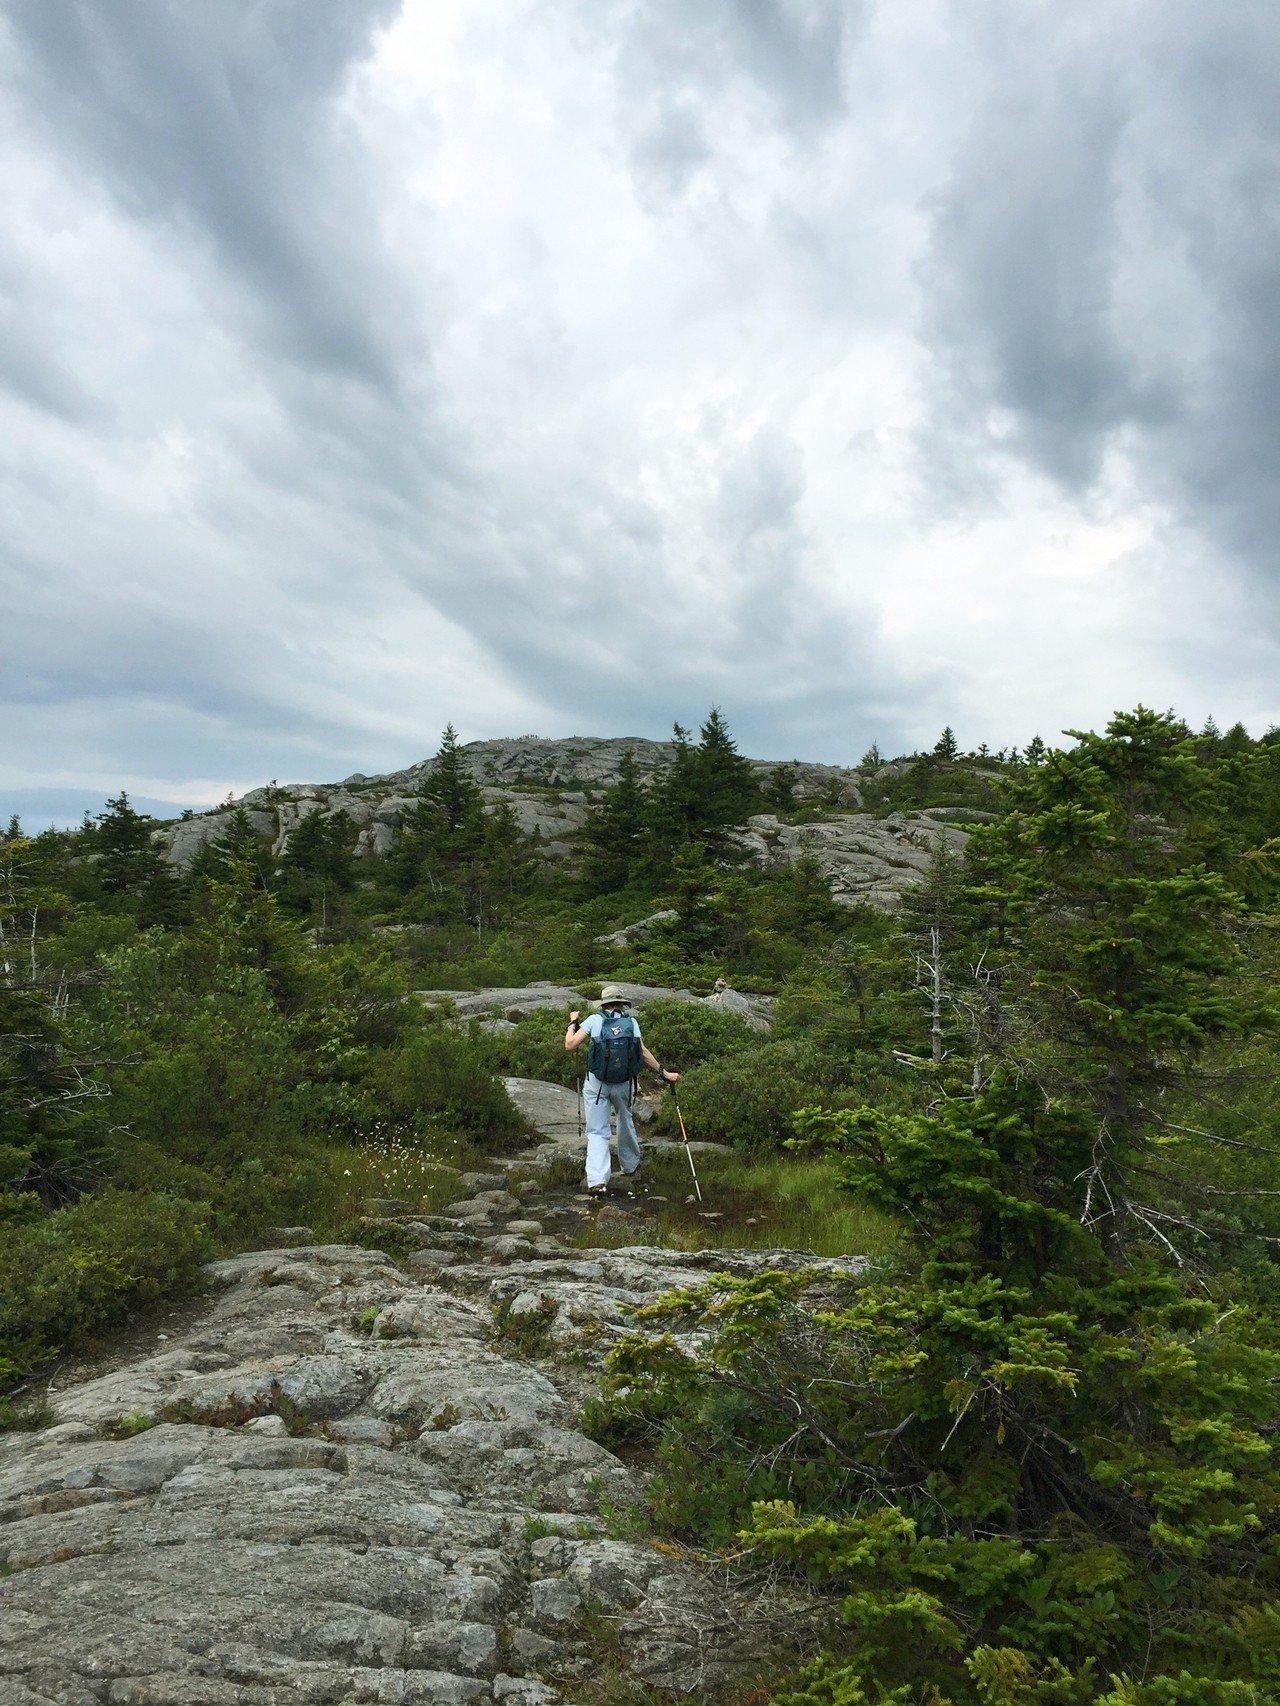 越來越多人選擇獨自上路,因為他們旅行時可自在做想做的事。圖為一名登山客攀爬美國蒙...